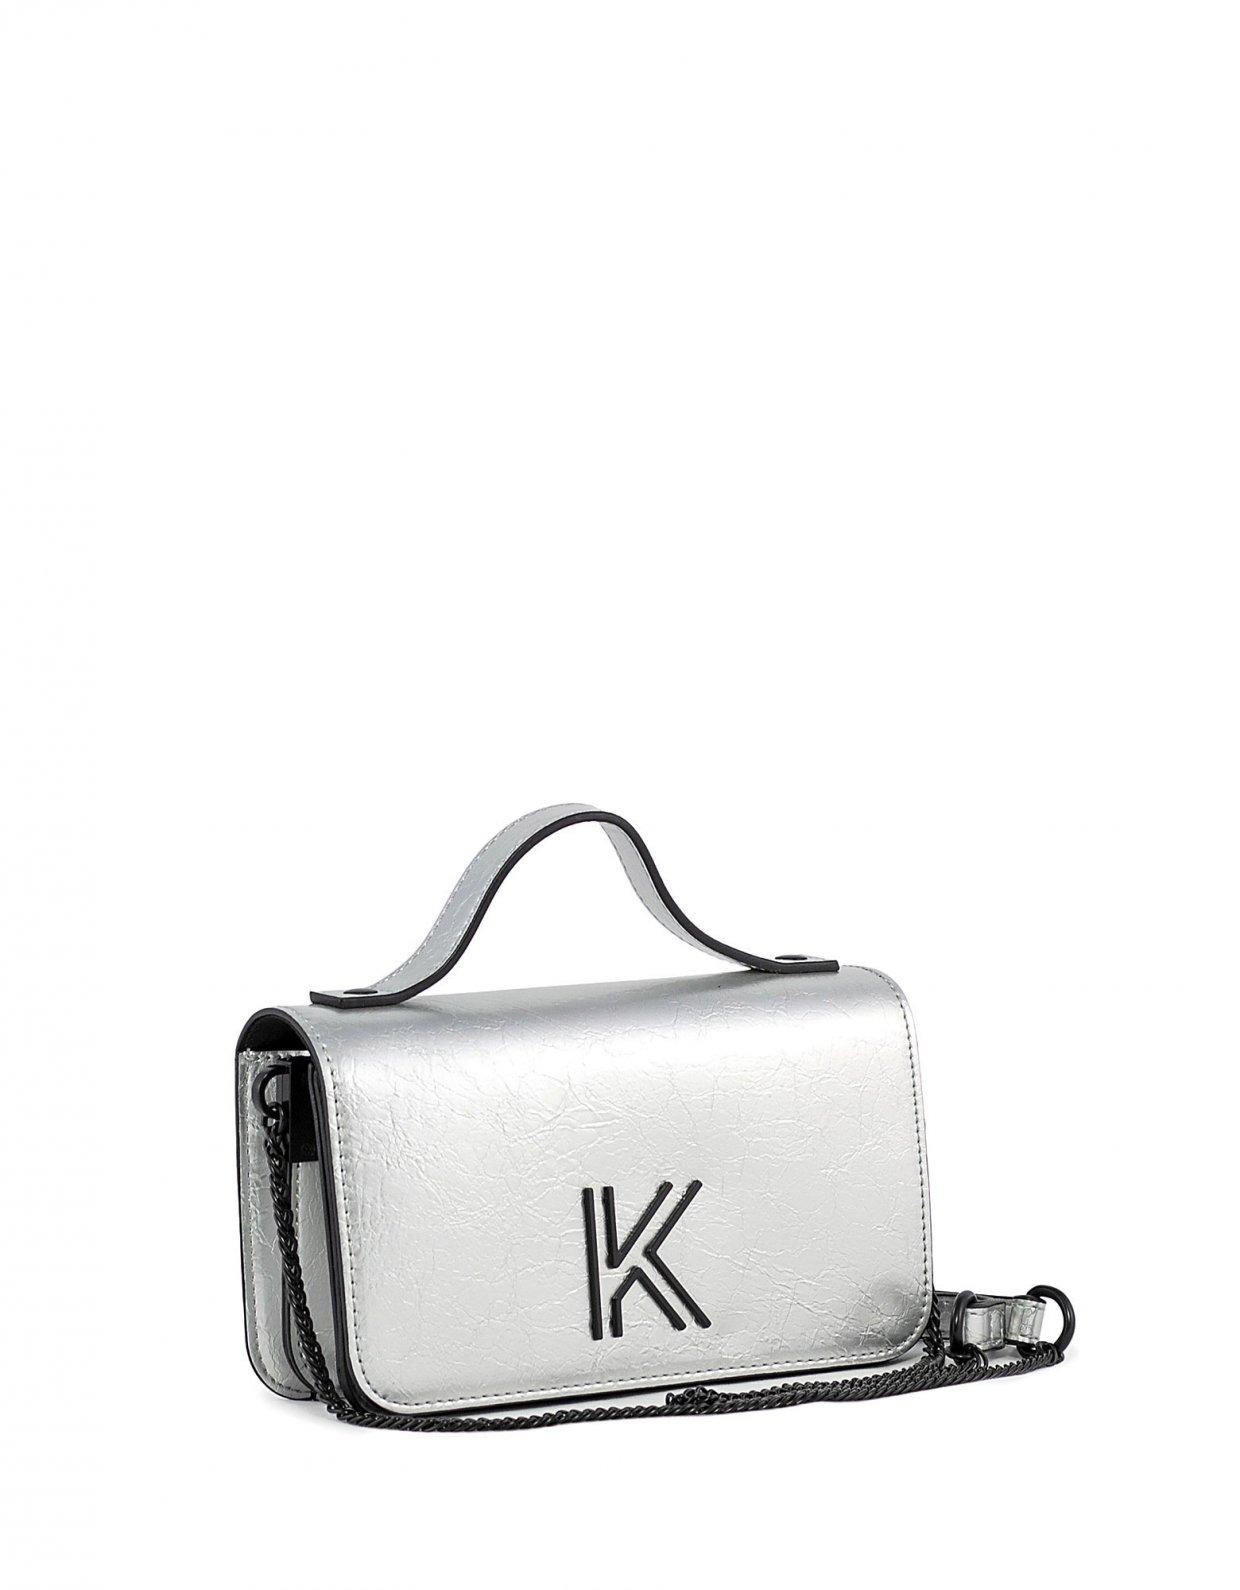 Kendall + Kylie Ida crossbody silver